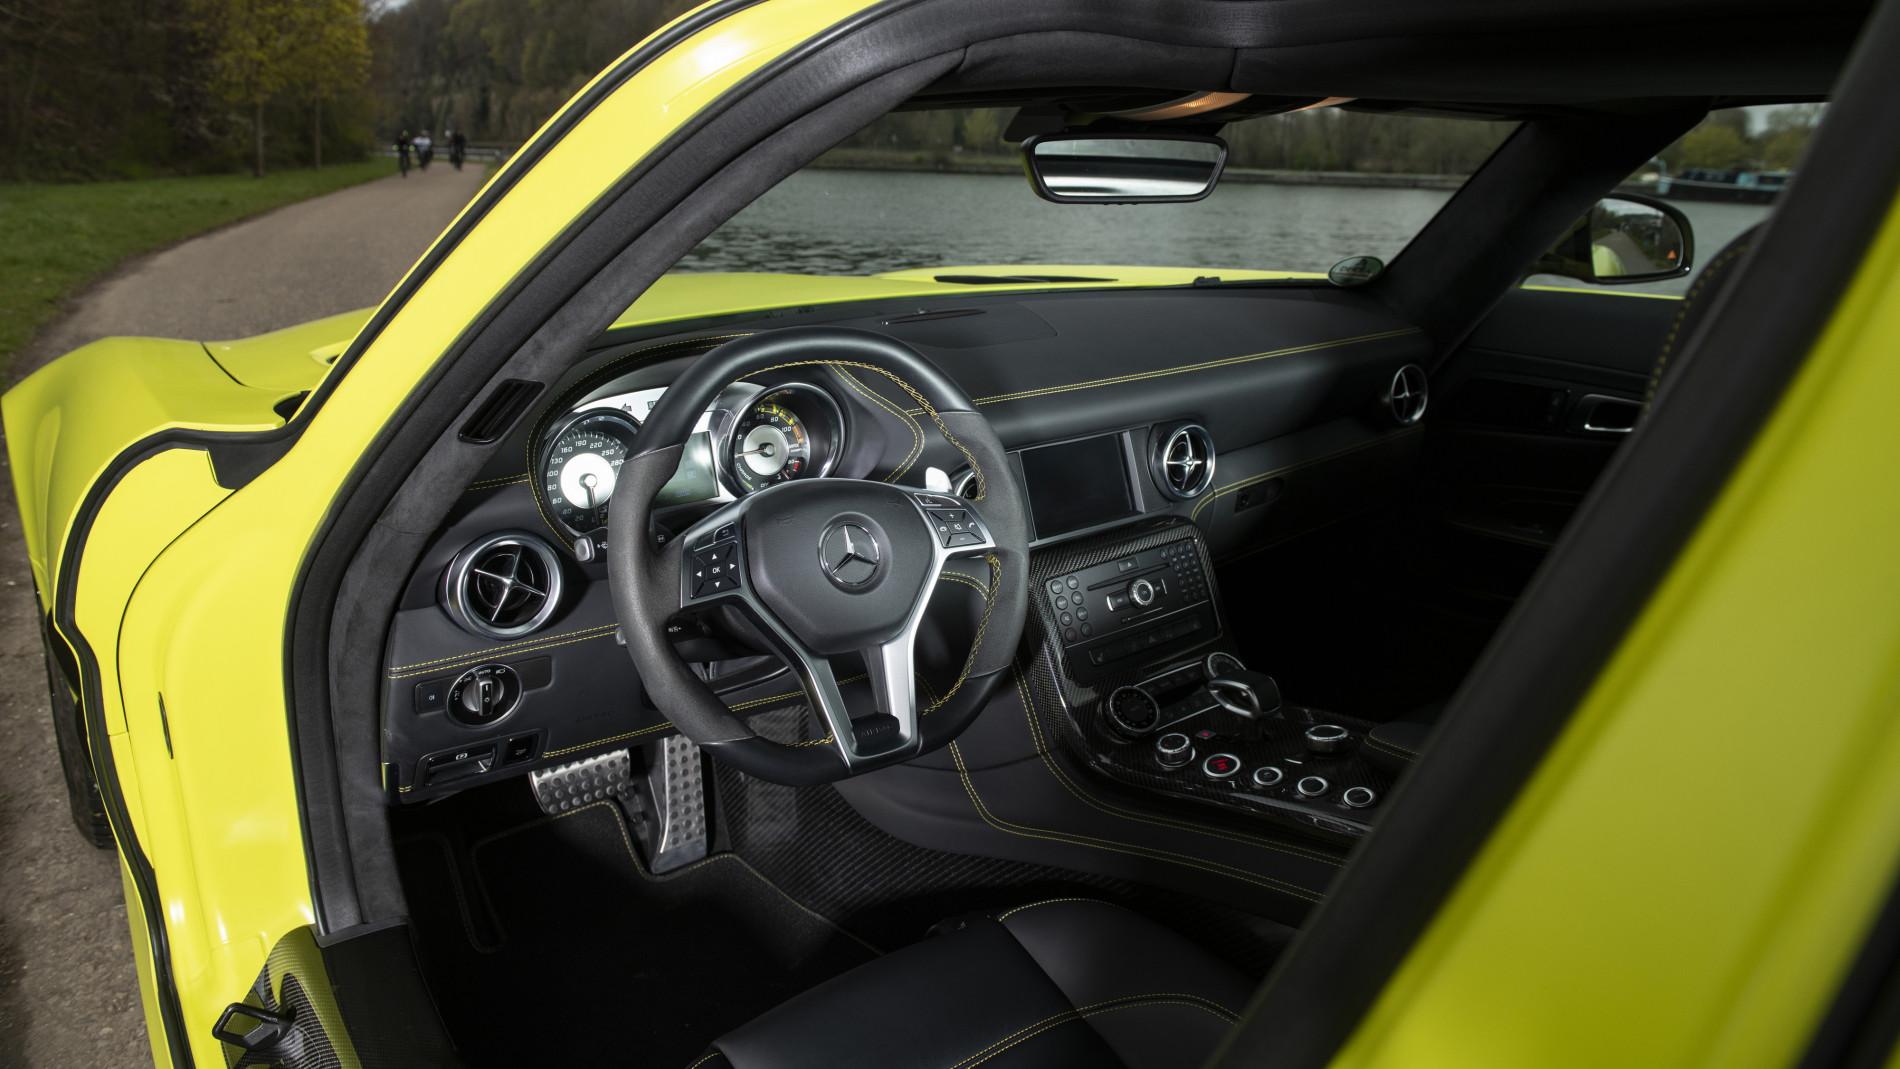 Mercedes SLS AMG Electric Drive de vanzare - Mercedes SLS AMG Electric Drive de vanzare